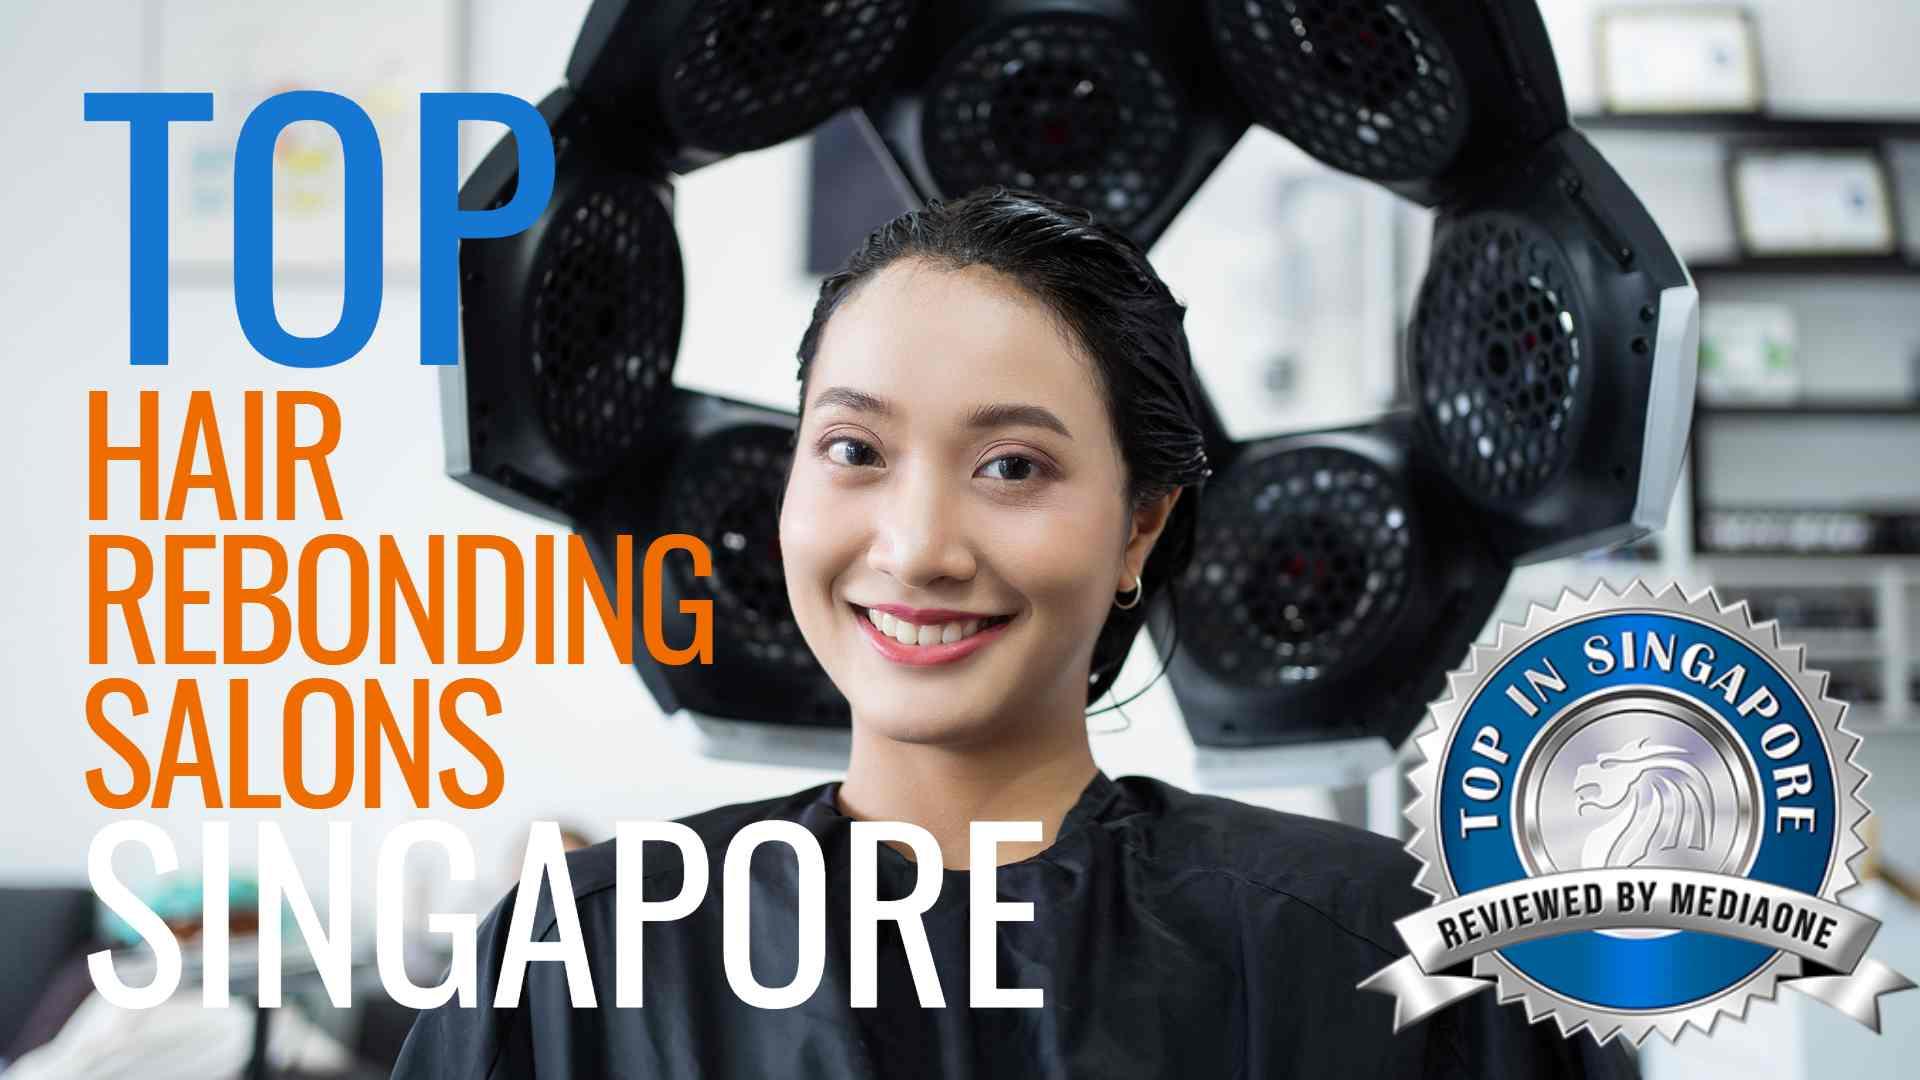 Top Hair Rebonding Salons in Singapore